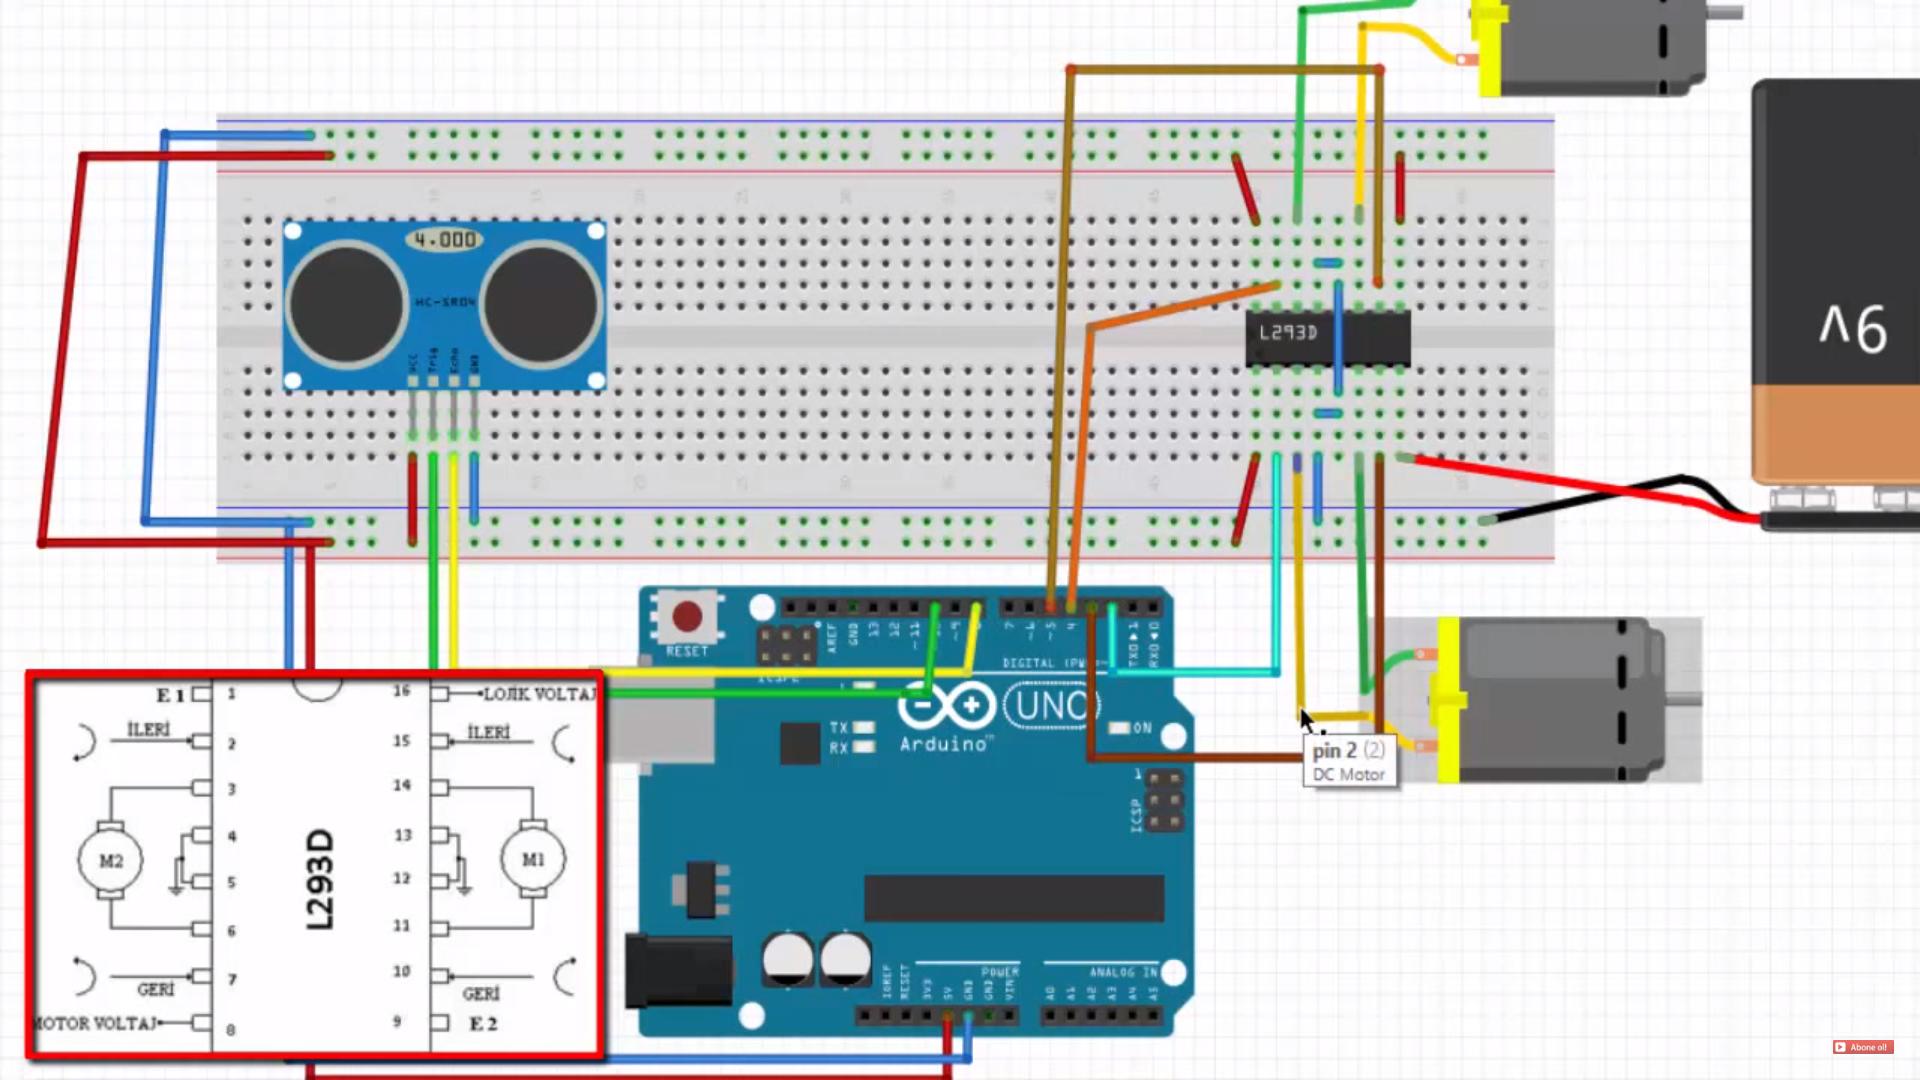 Explore Arduino and more! - pinterestcom